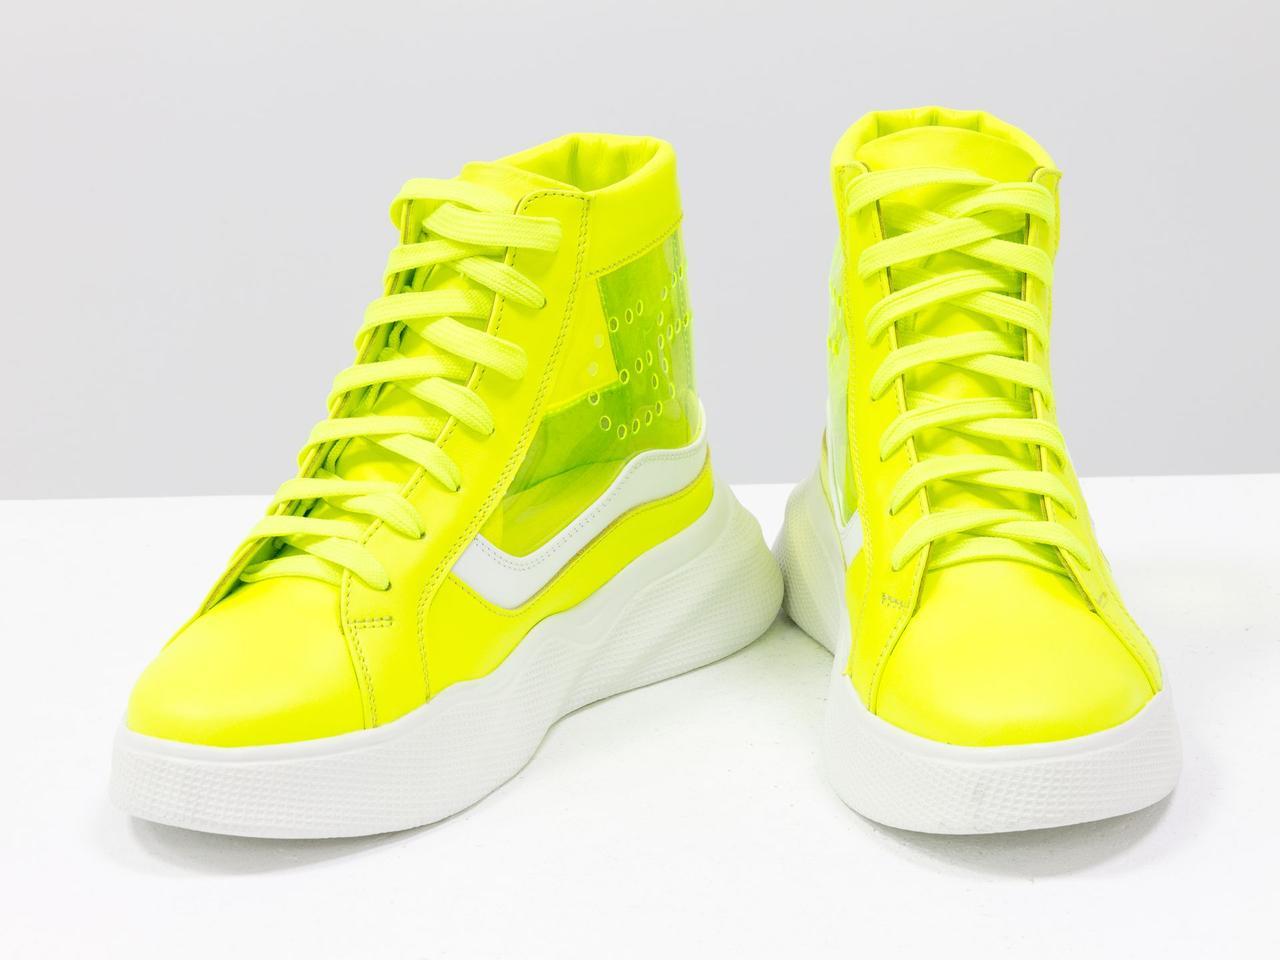 Дизайнерские прозрачные ботинки из натуральной неоновой кожи желтого и белого цвета - фото 5